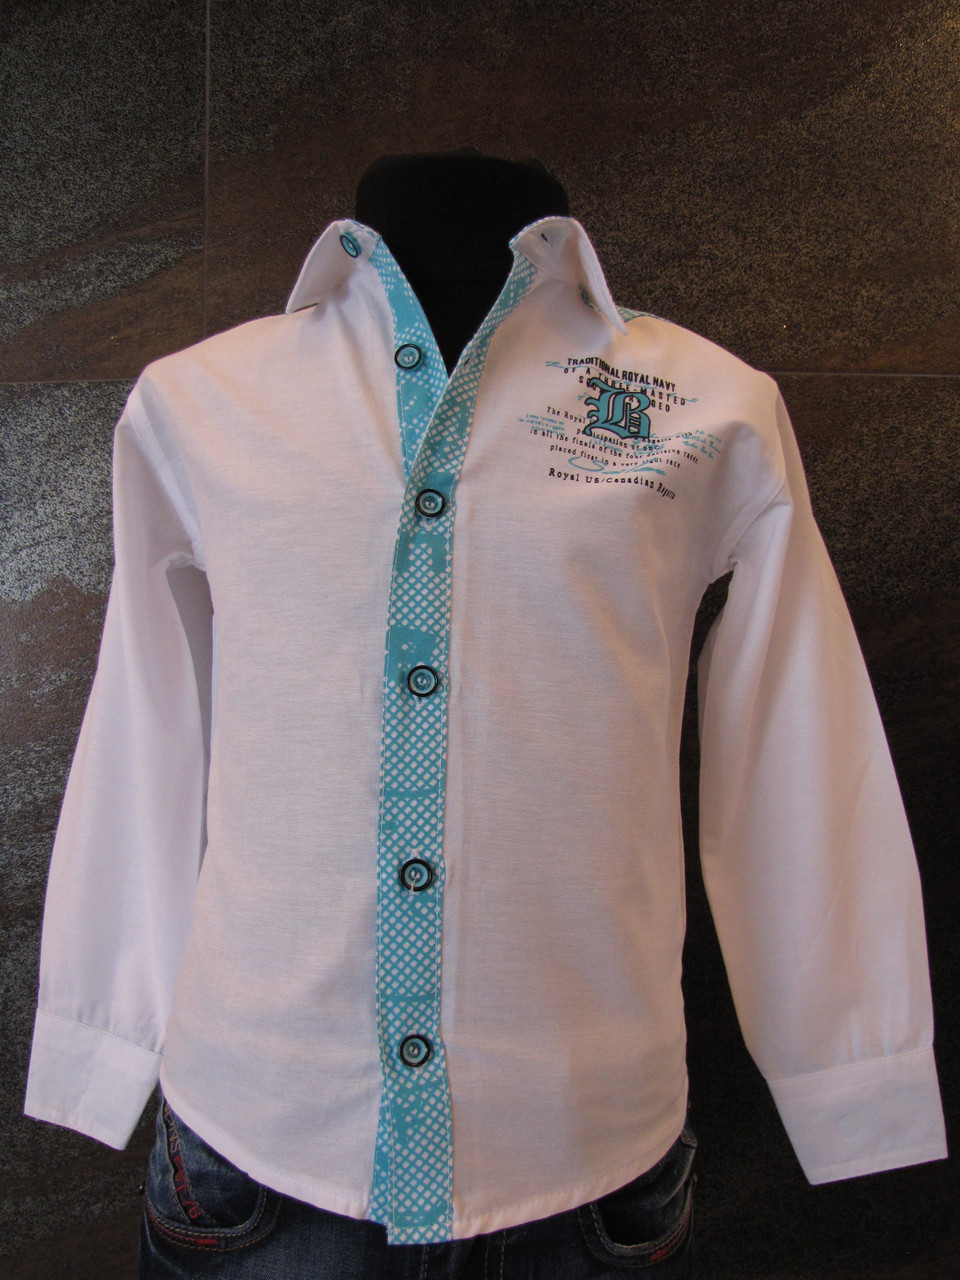 Рубашка белая для мальчиков 80,92,98,104 роста Планочка голубая